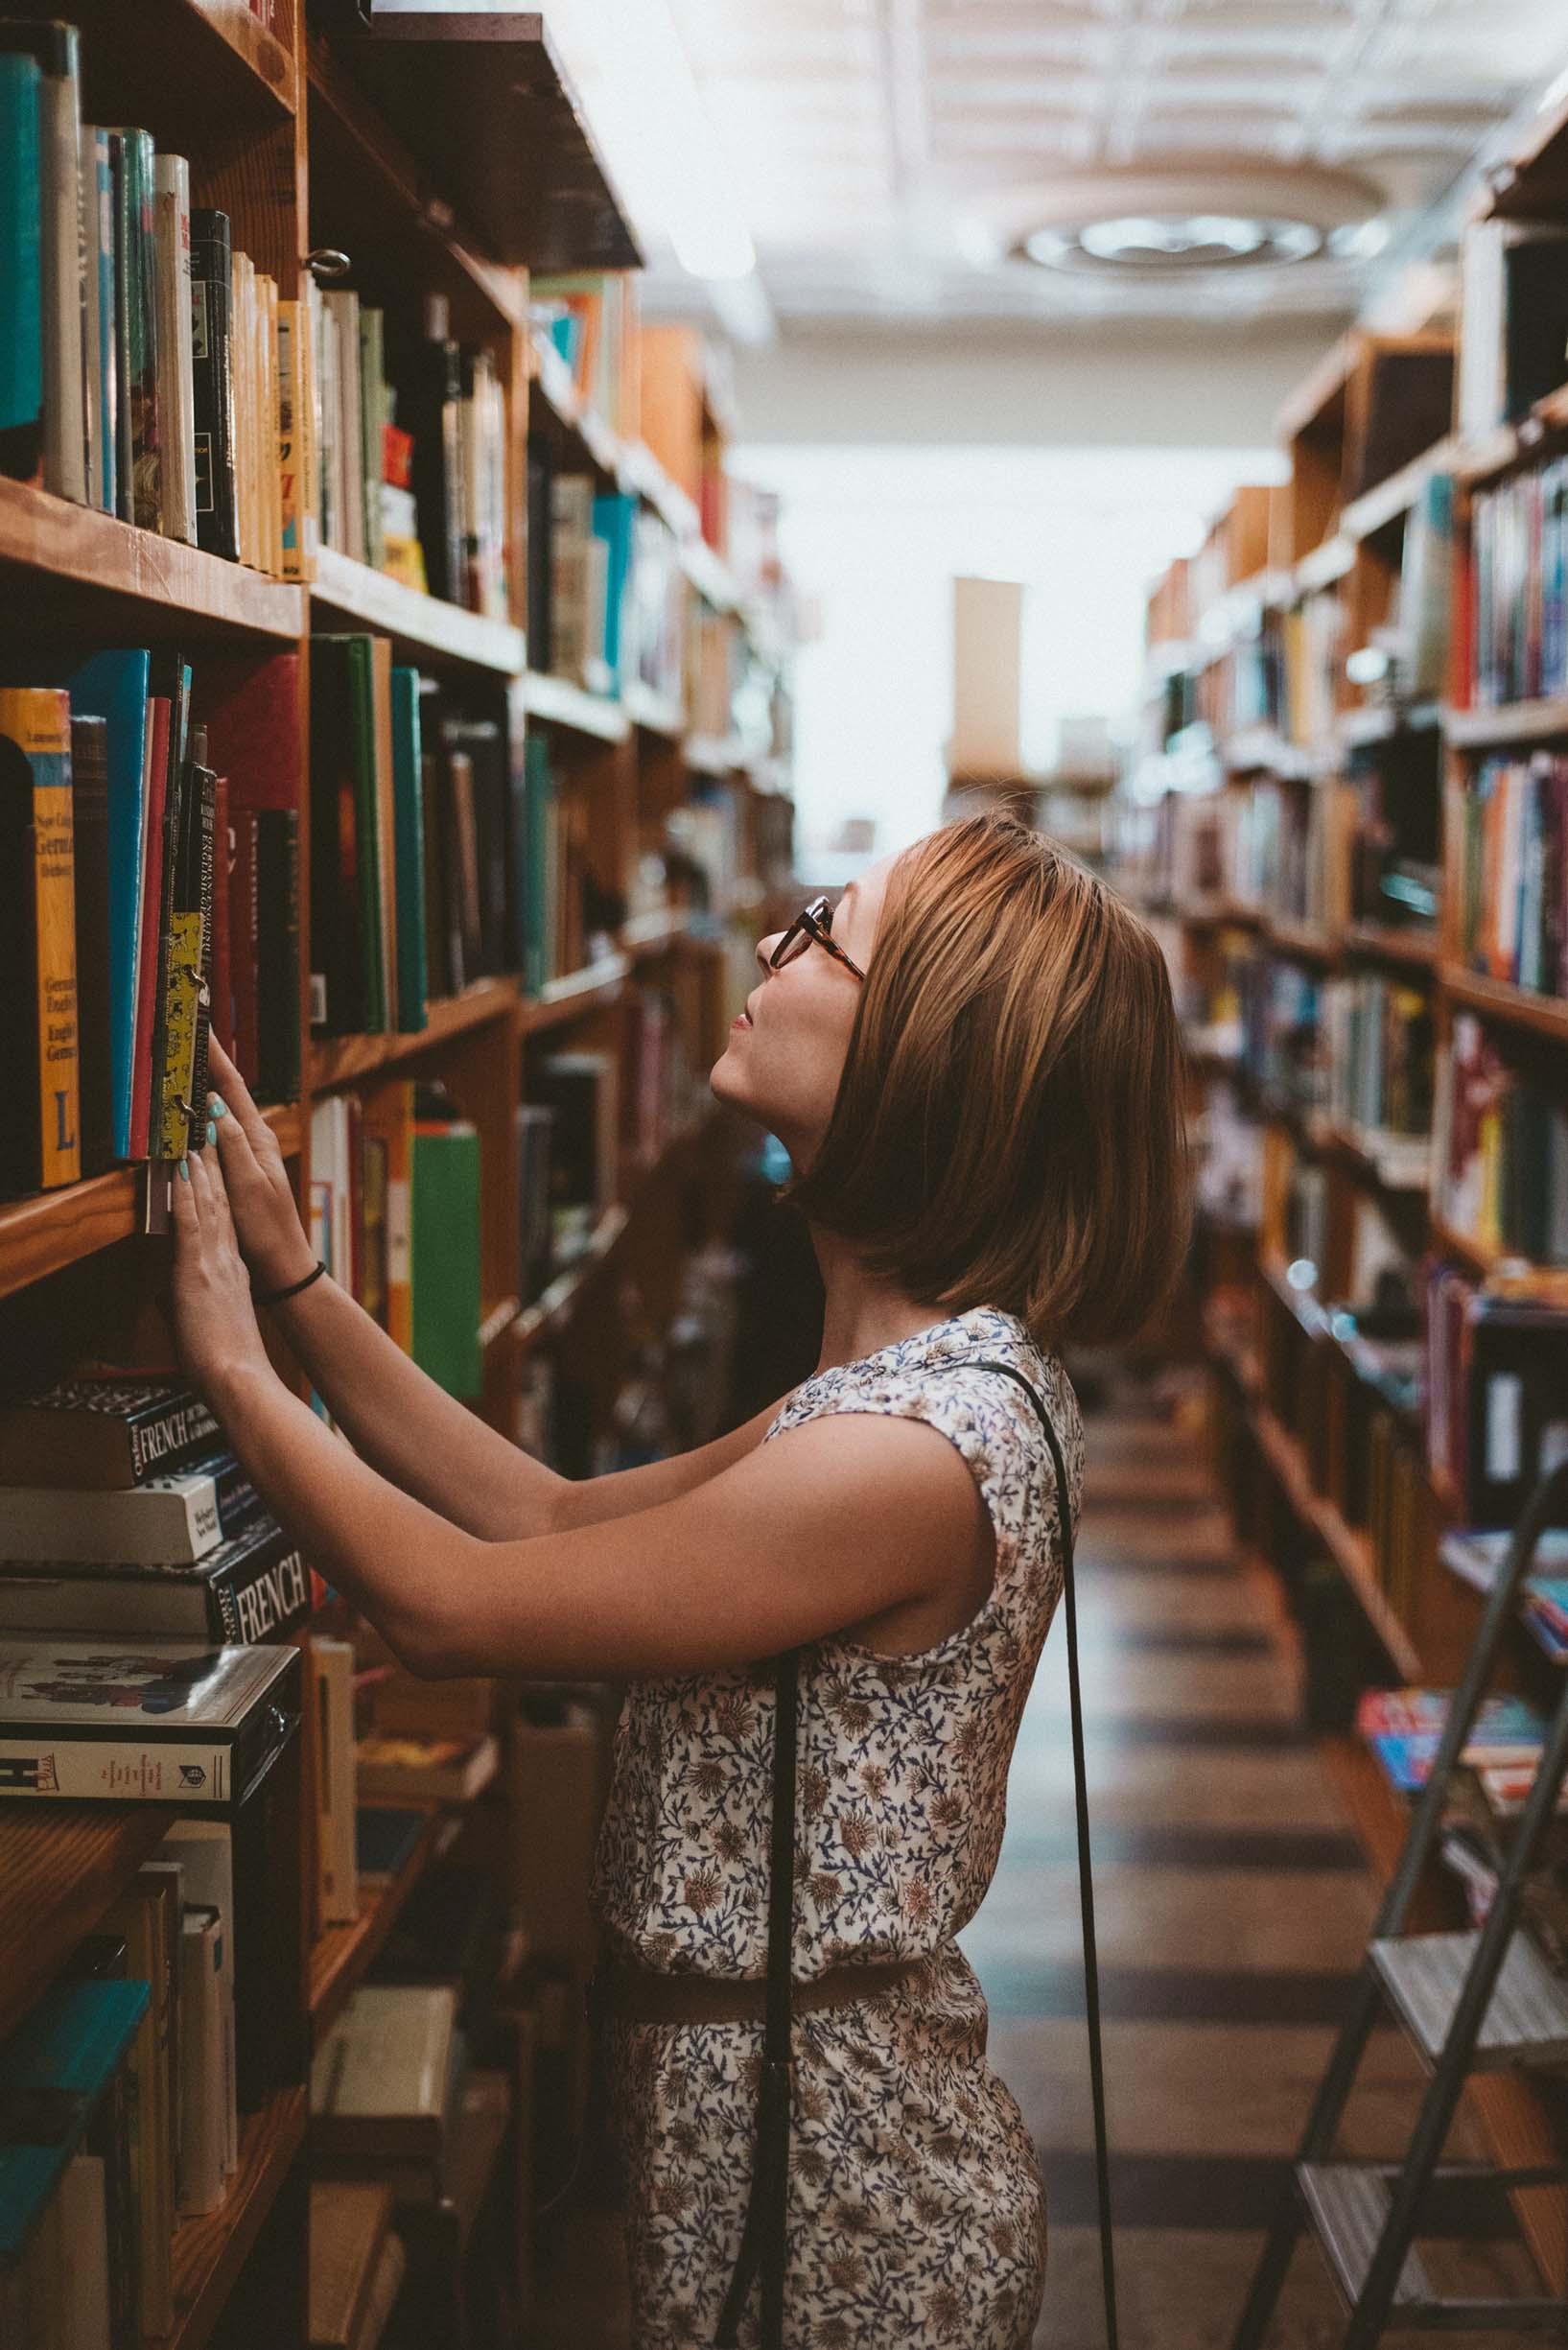 Femme faisant son choix de programme orthographiq